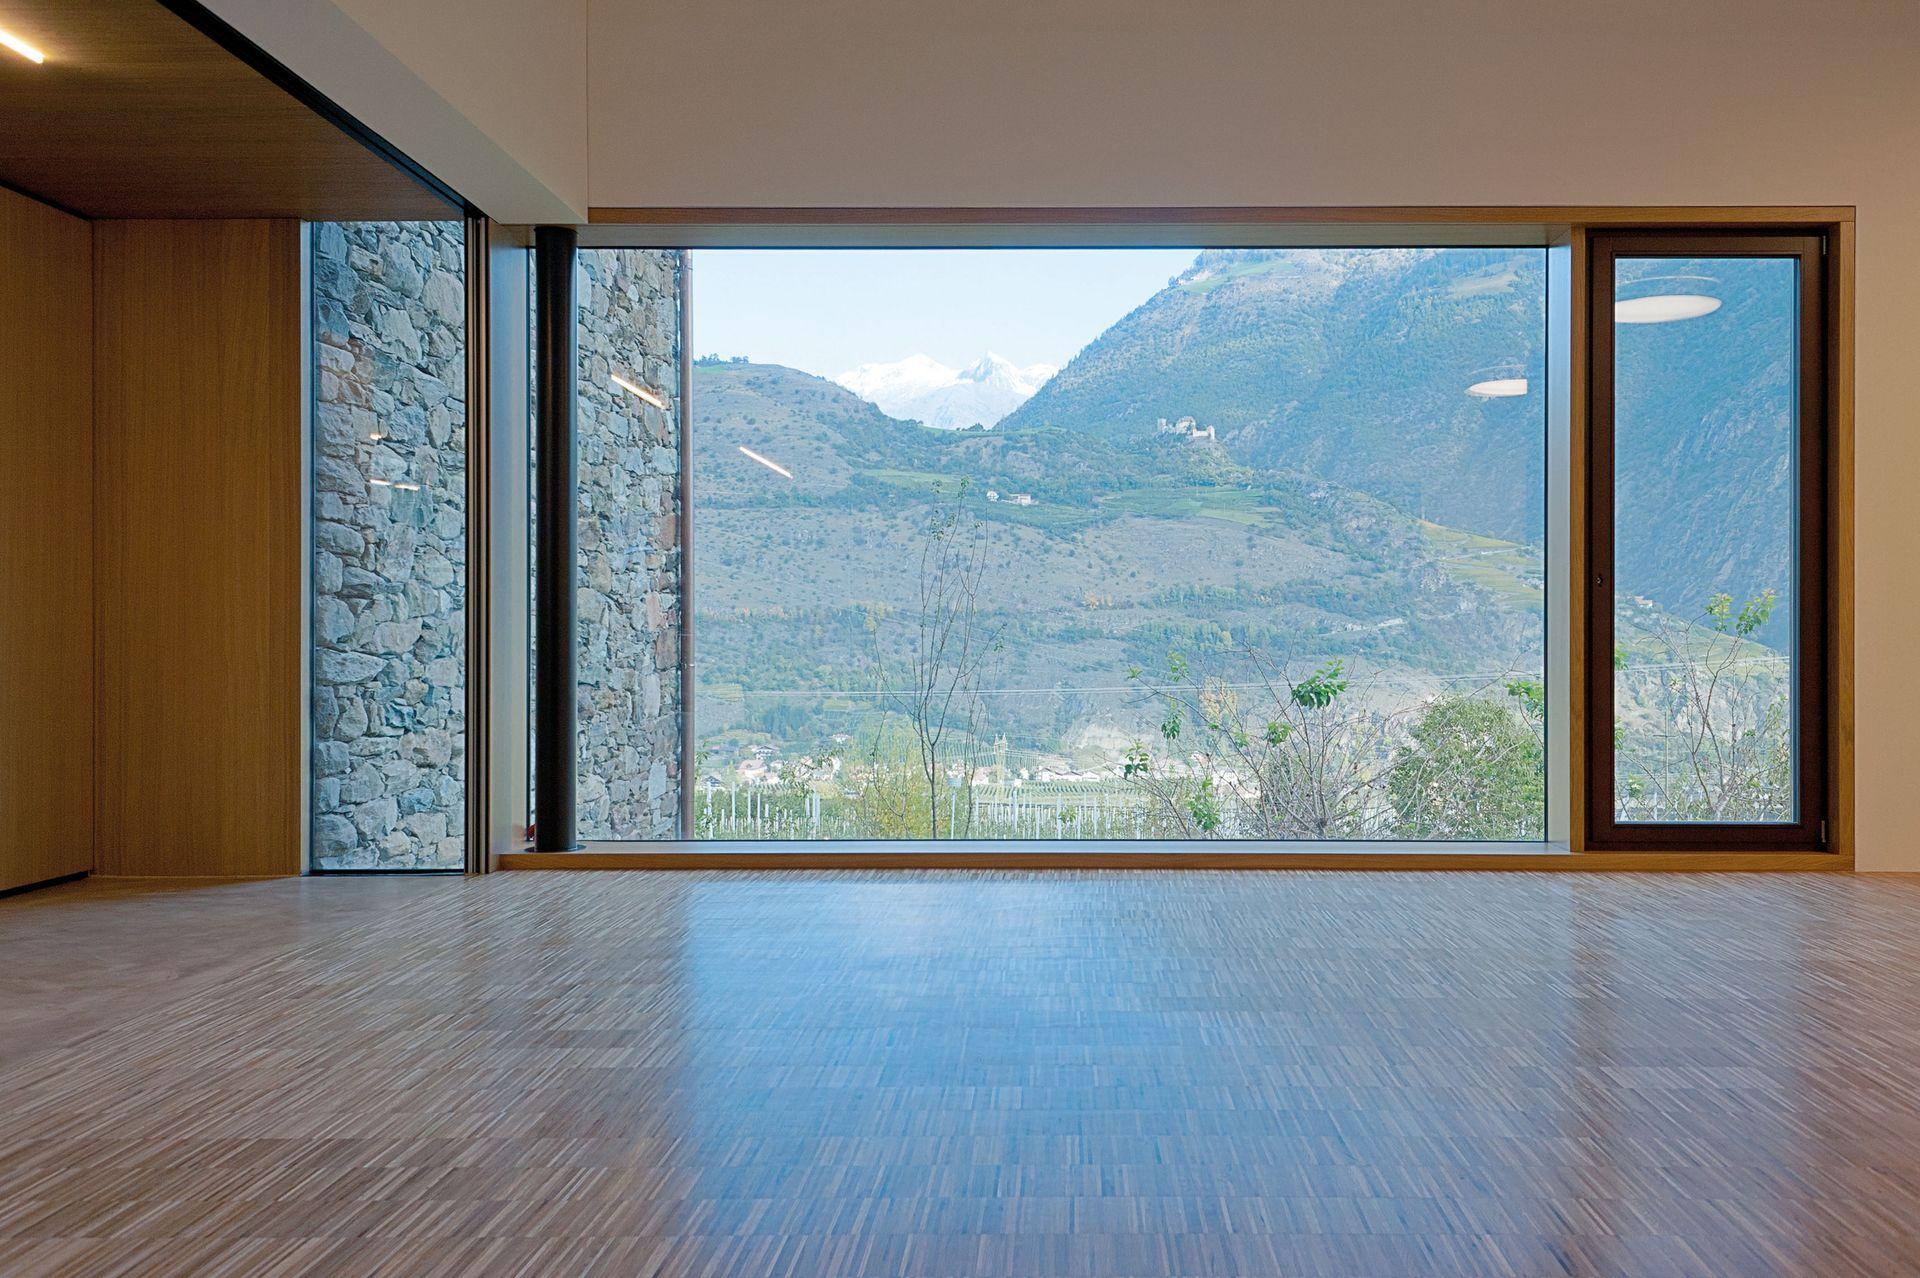 Full Size of Unilux Holz Alu Fenster Preise Preisvergleich Preisunterschied Kunststofffenster Online Holz Aluminium Hersteller Kaufen Oder Kunststoff Kostenvergleich Fenster Fenster Holz Alu